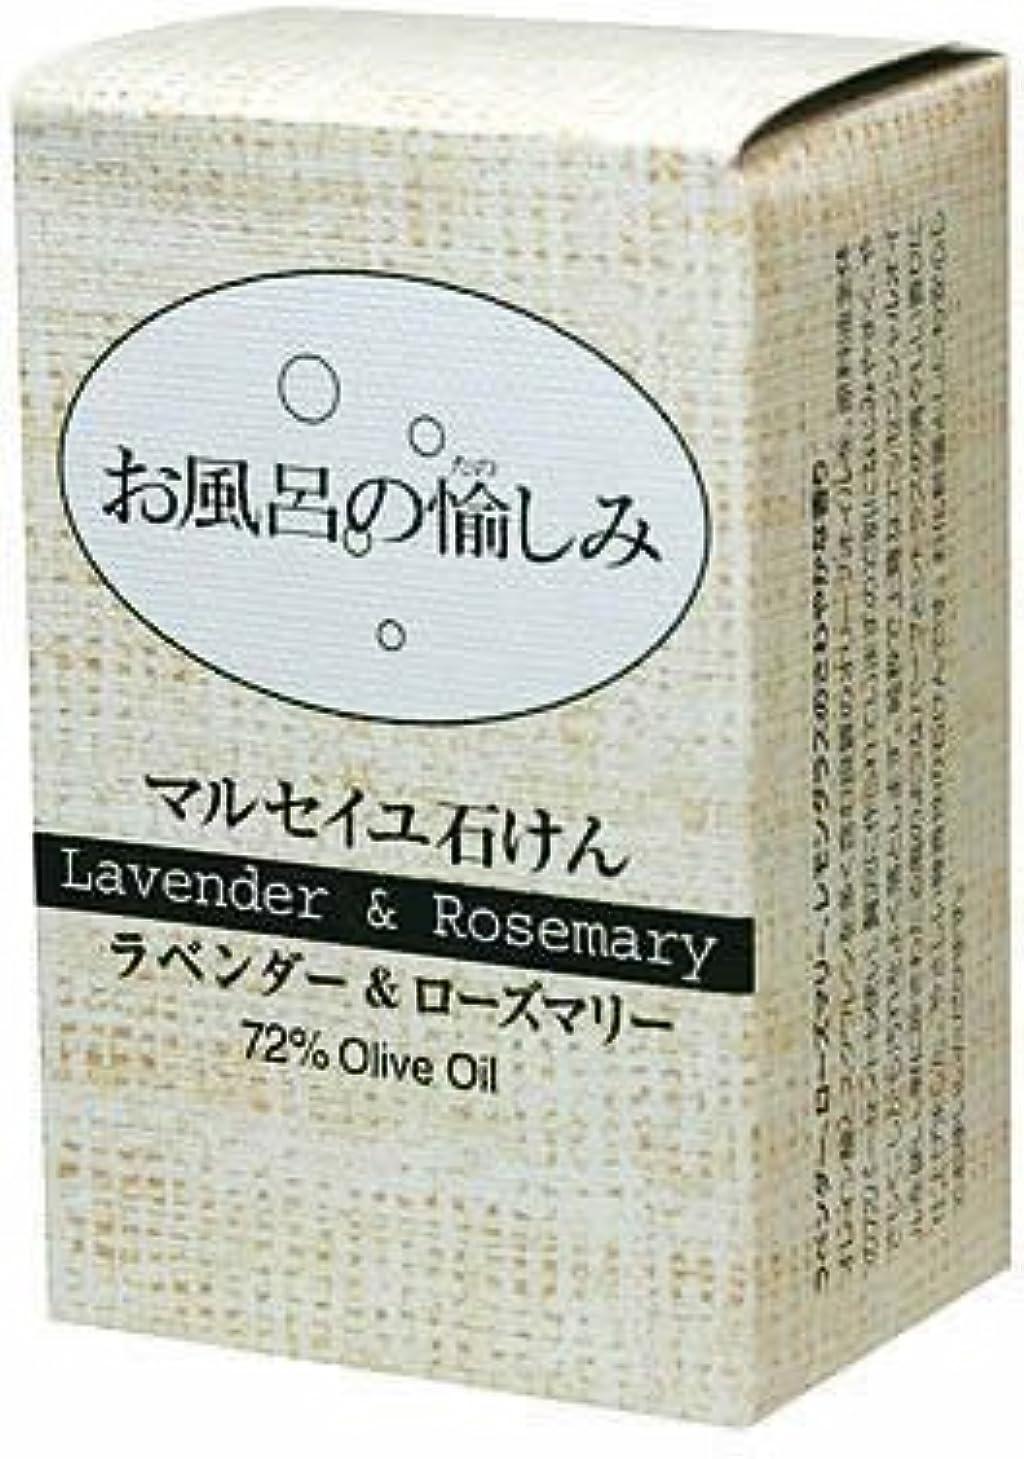 無数の駐地抜本的なお風呂の愉しみ マルセイユ石鹸 (ラベンダー&ローズマリー)